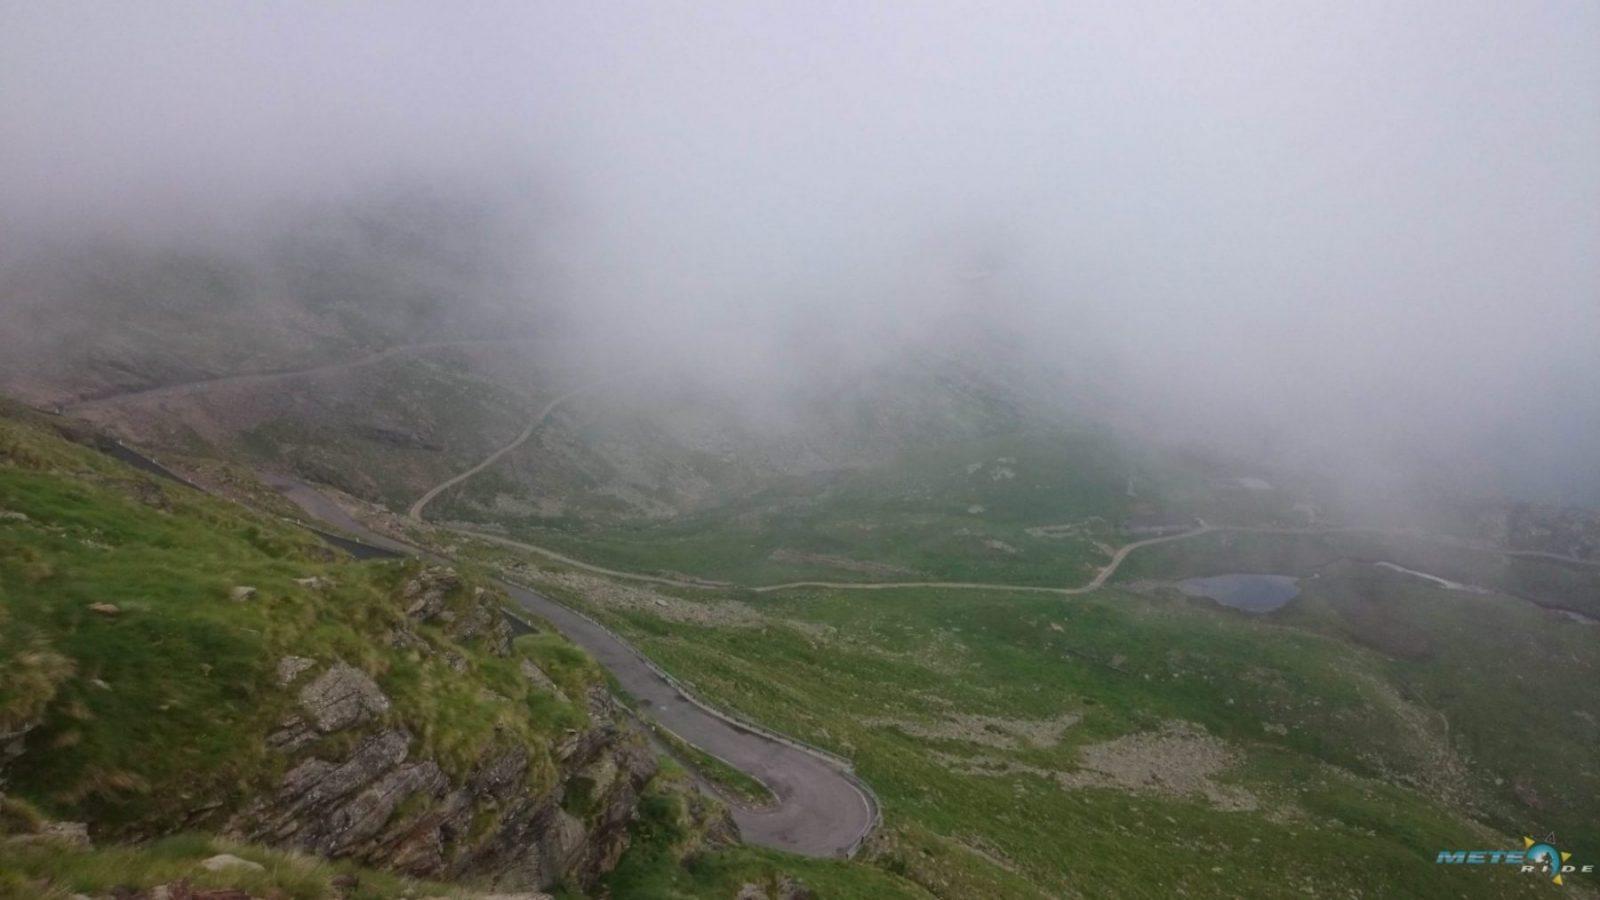 Пасо ди Гавия Meteo-Rideн